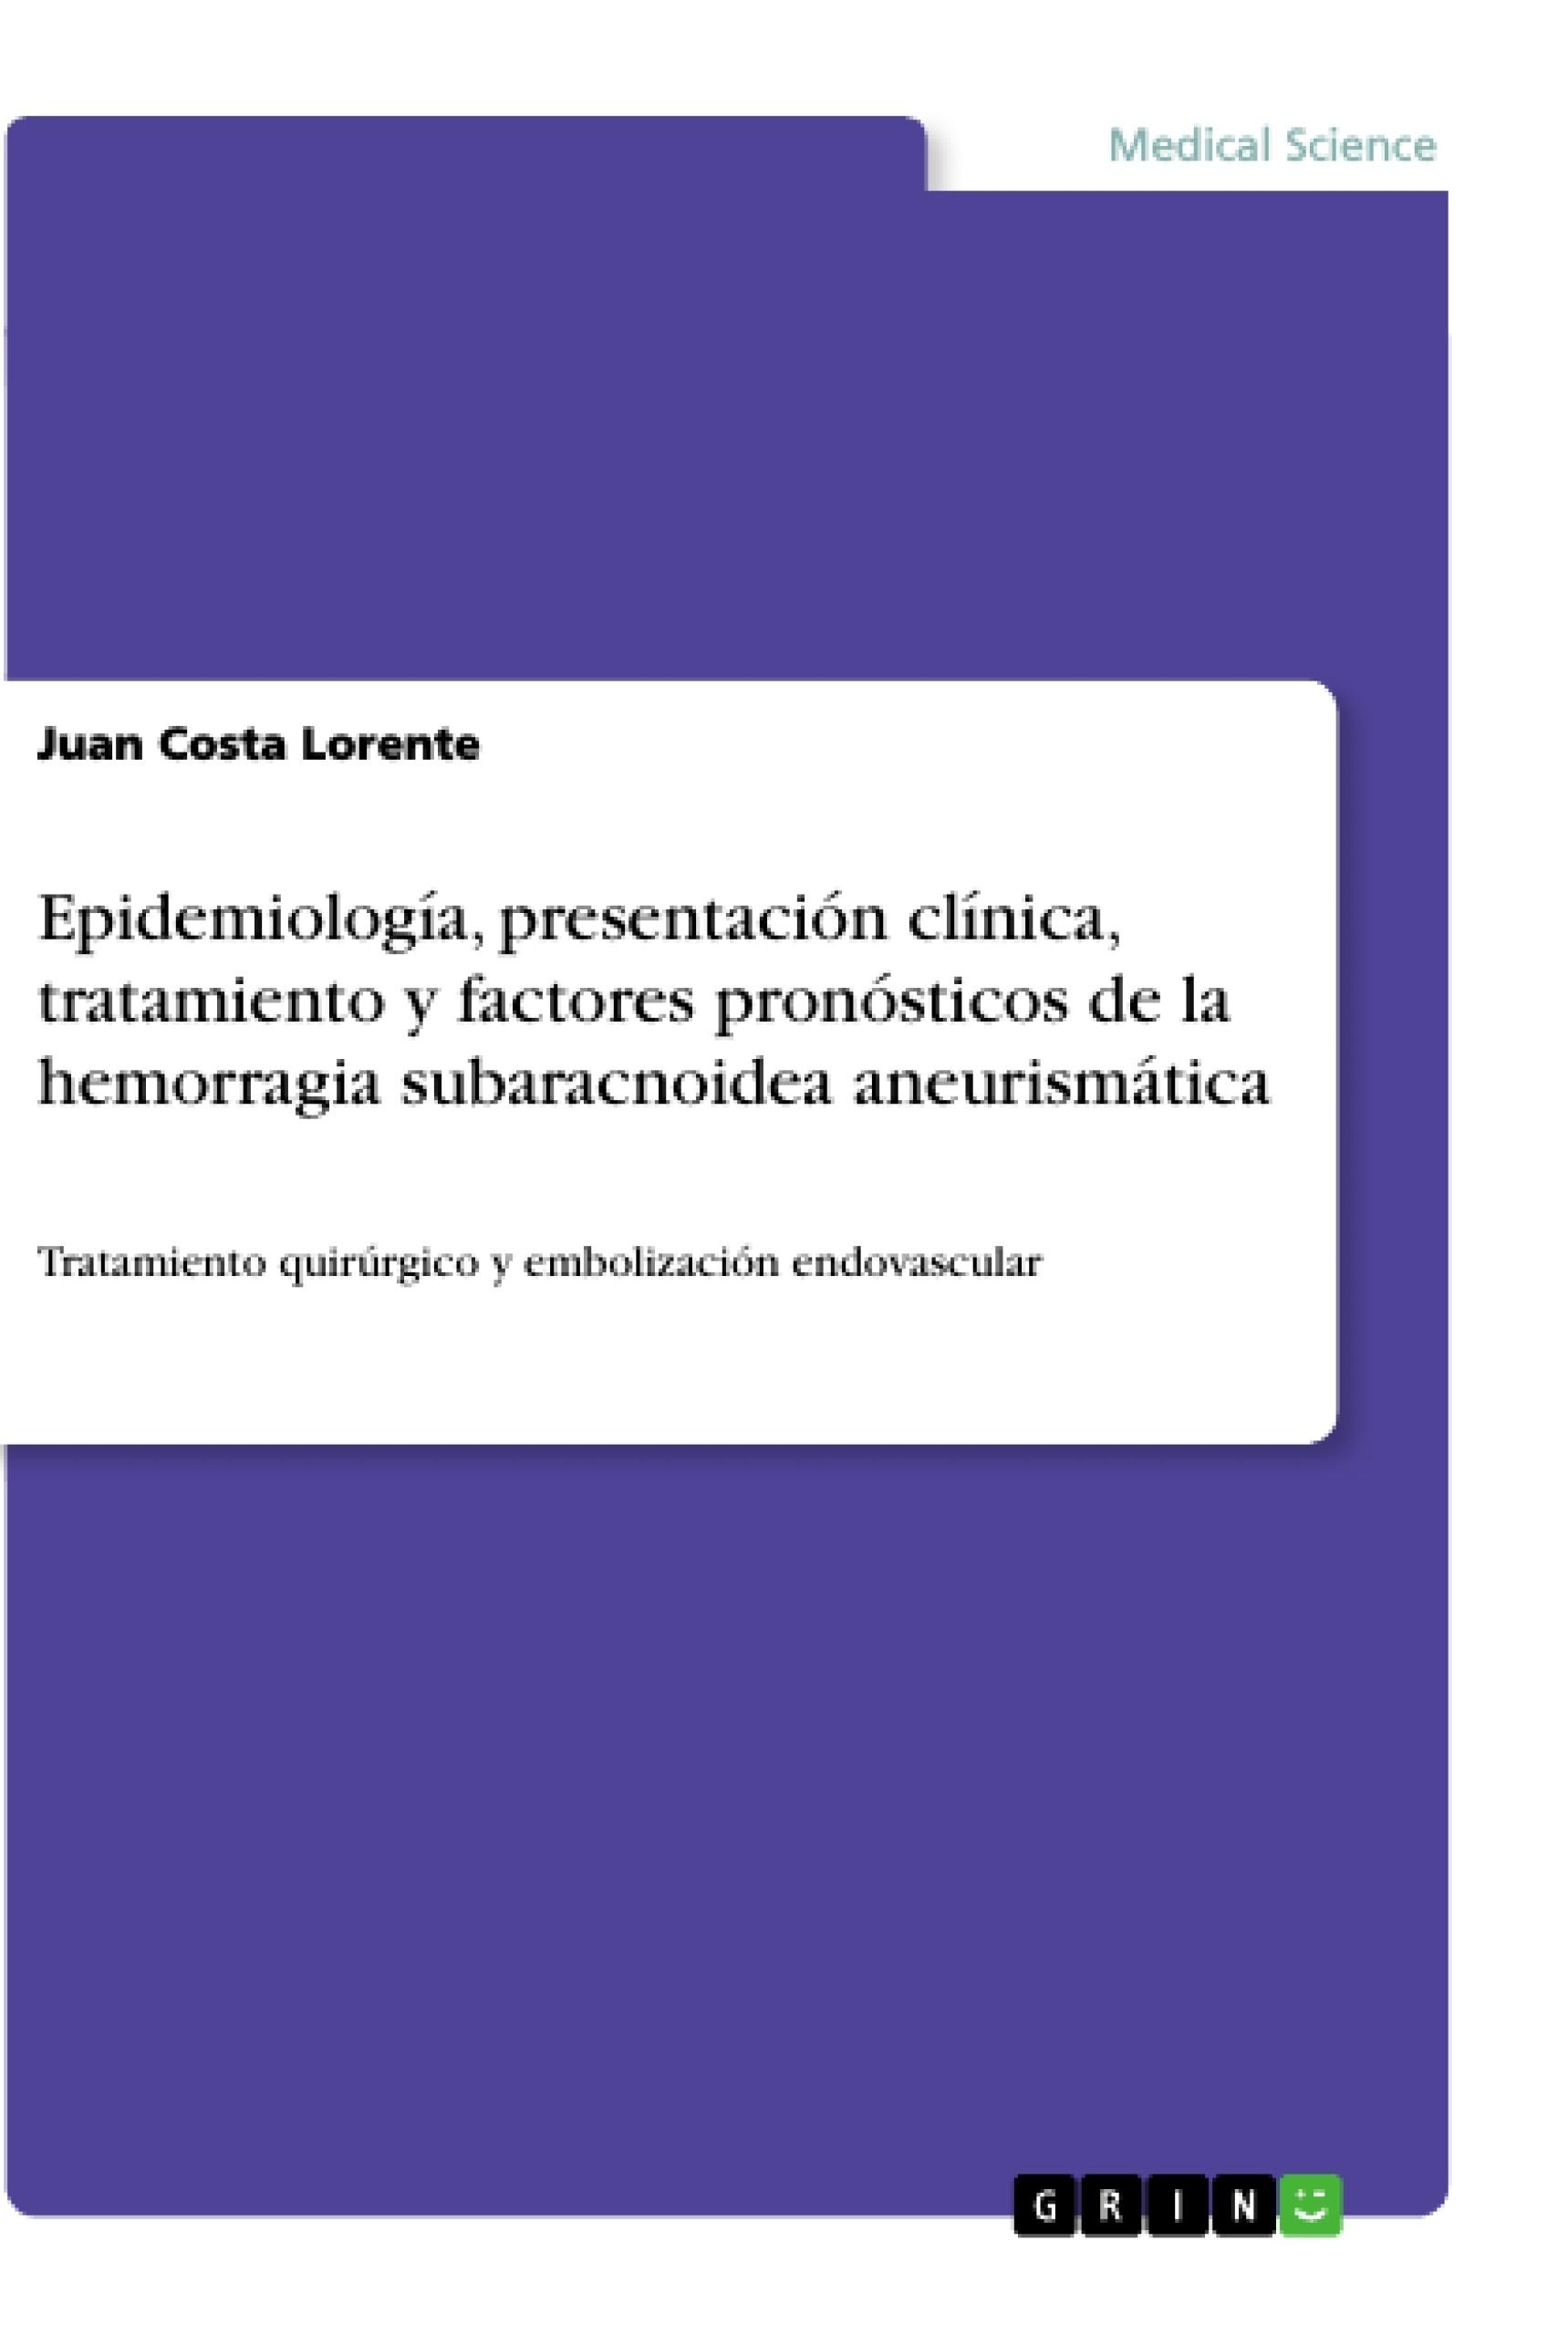 Título: Epidemiología, presentación clínica, tratamiento y factores pronósticos de la hemorragia subaracnoidea aneurismática